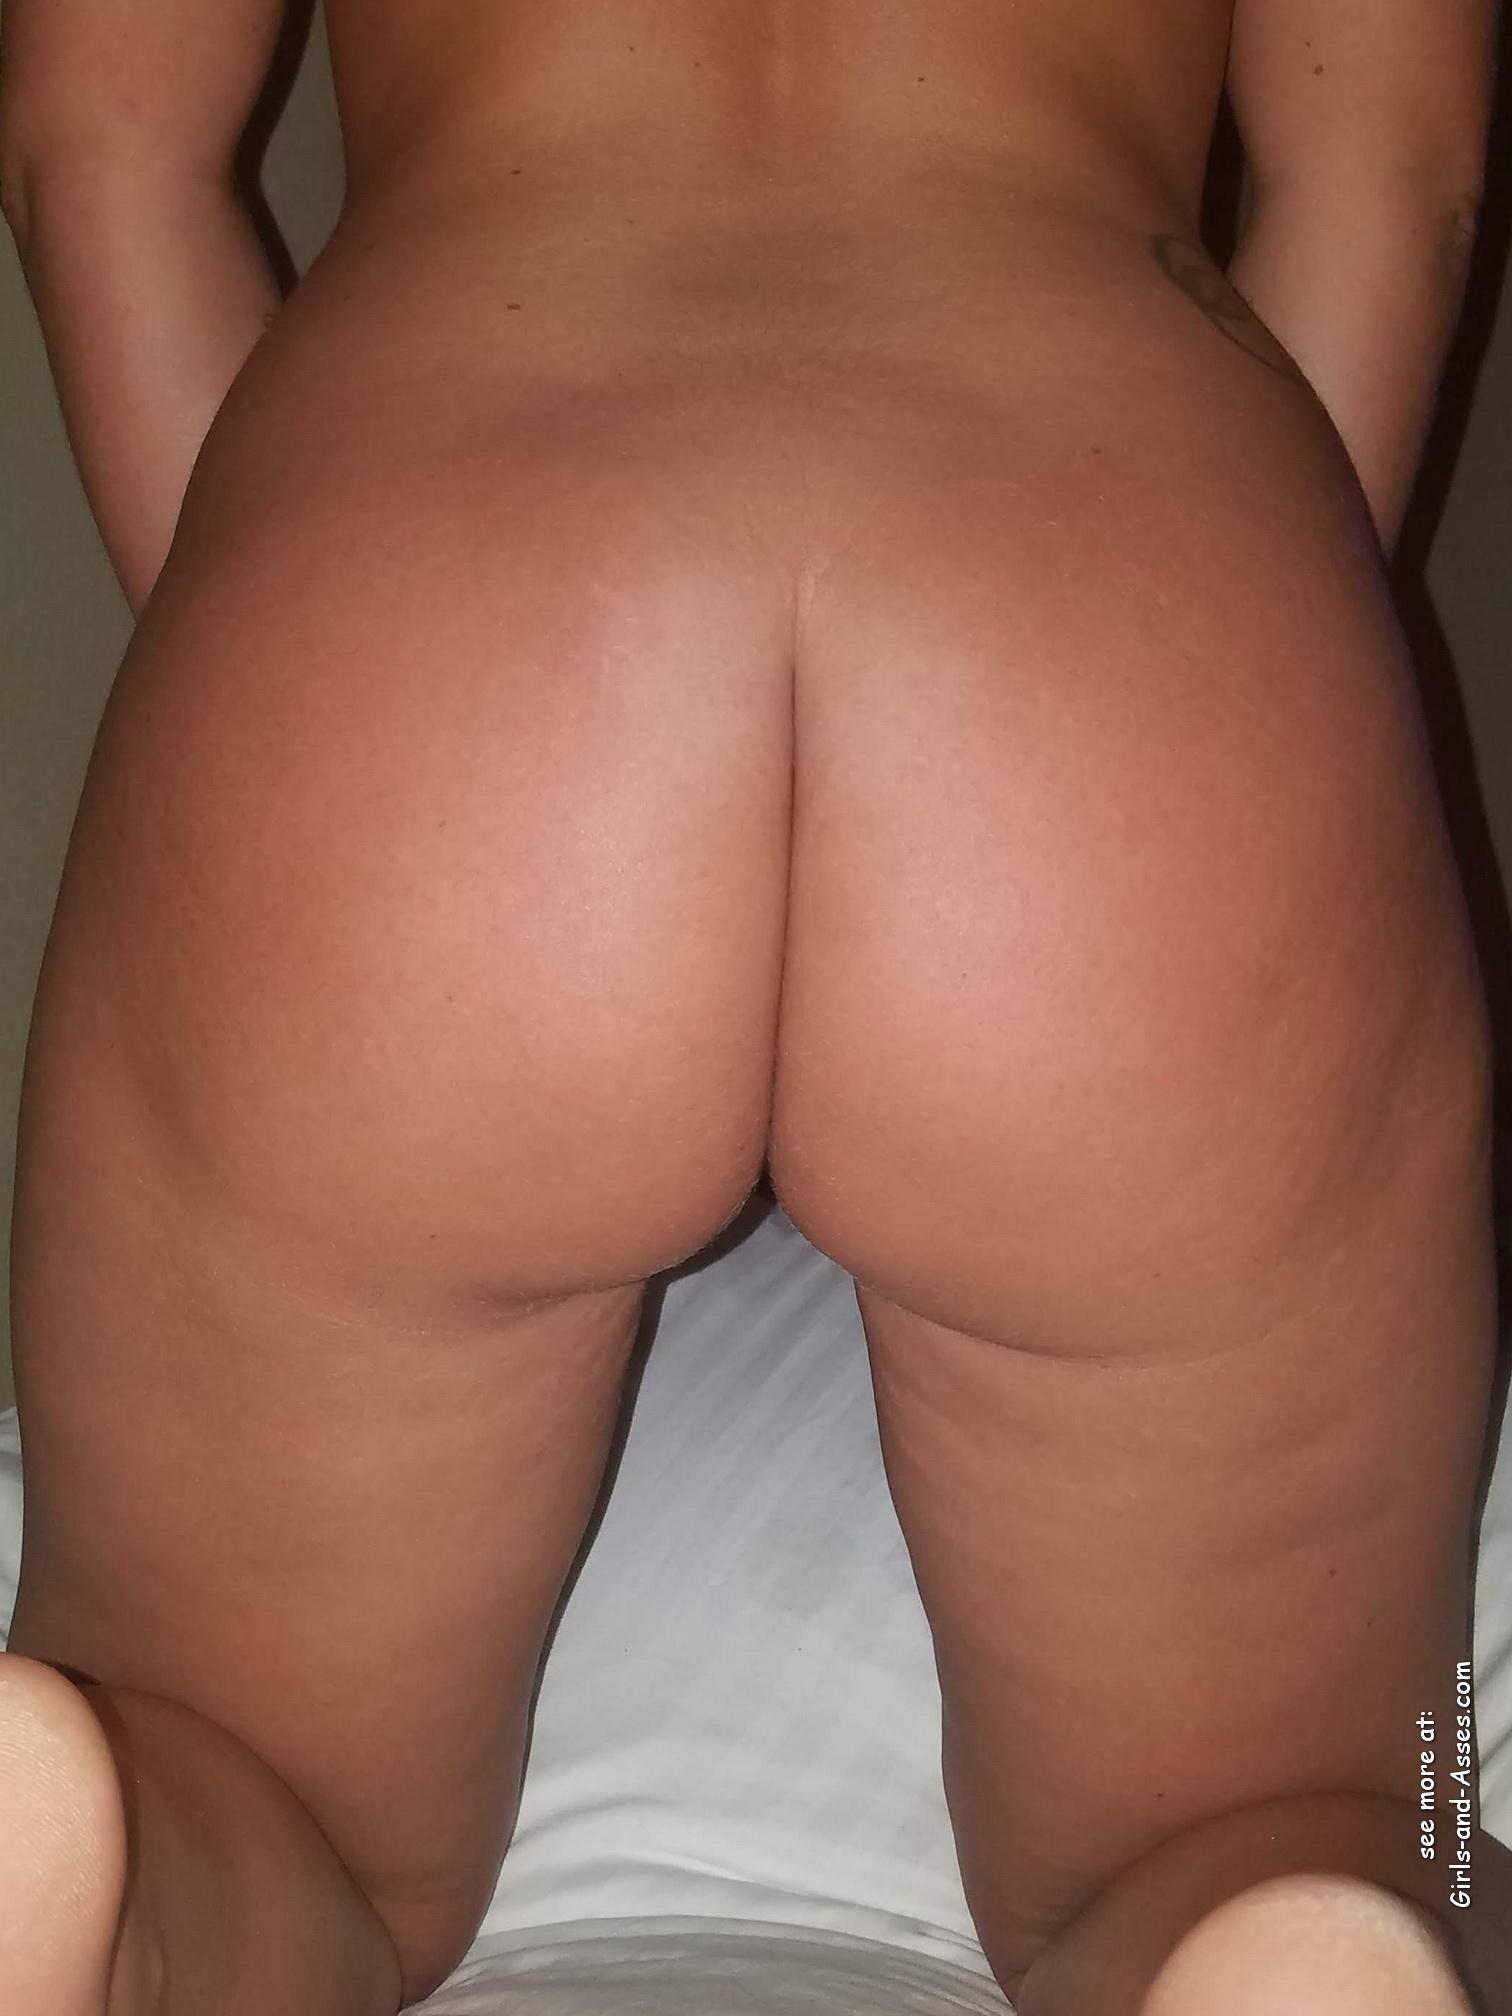 naked milf ass photo 02735